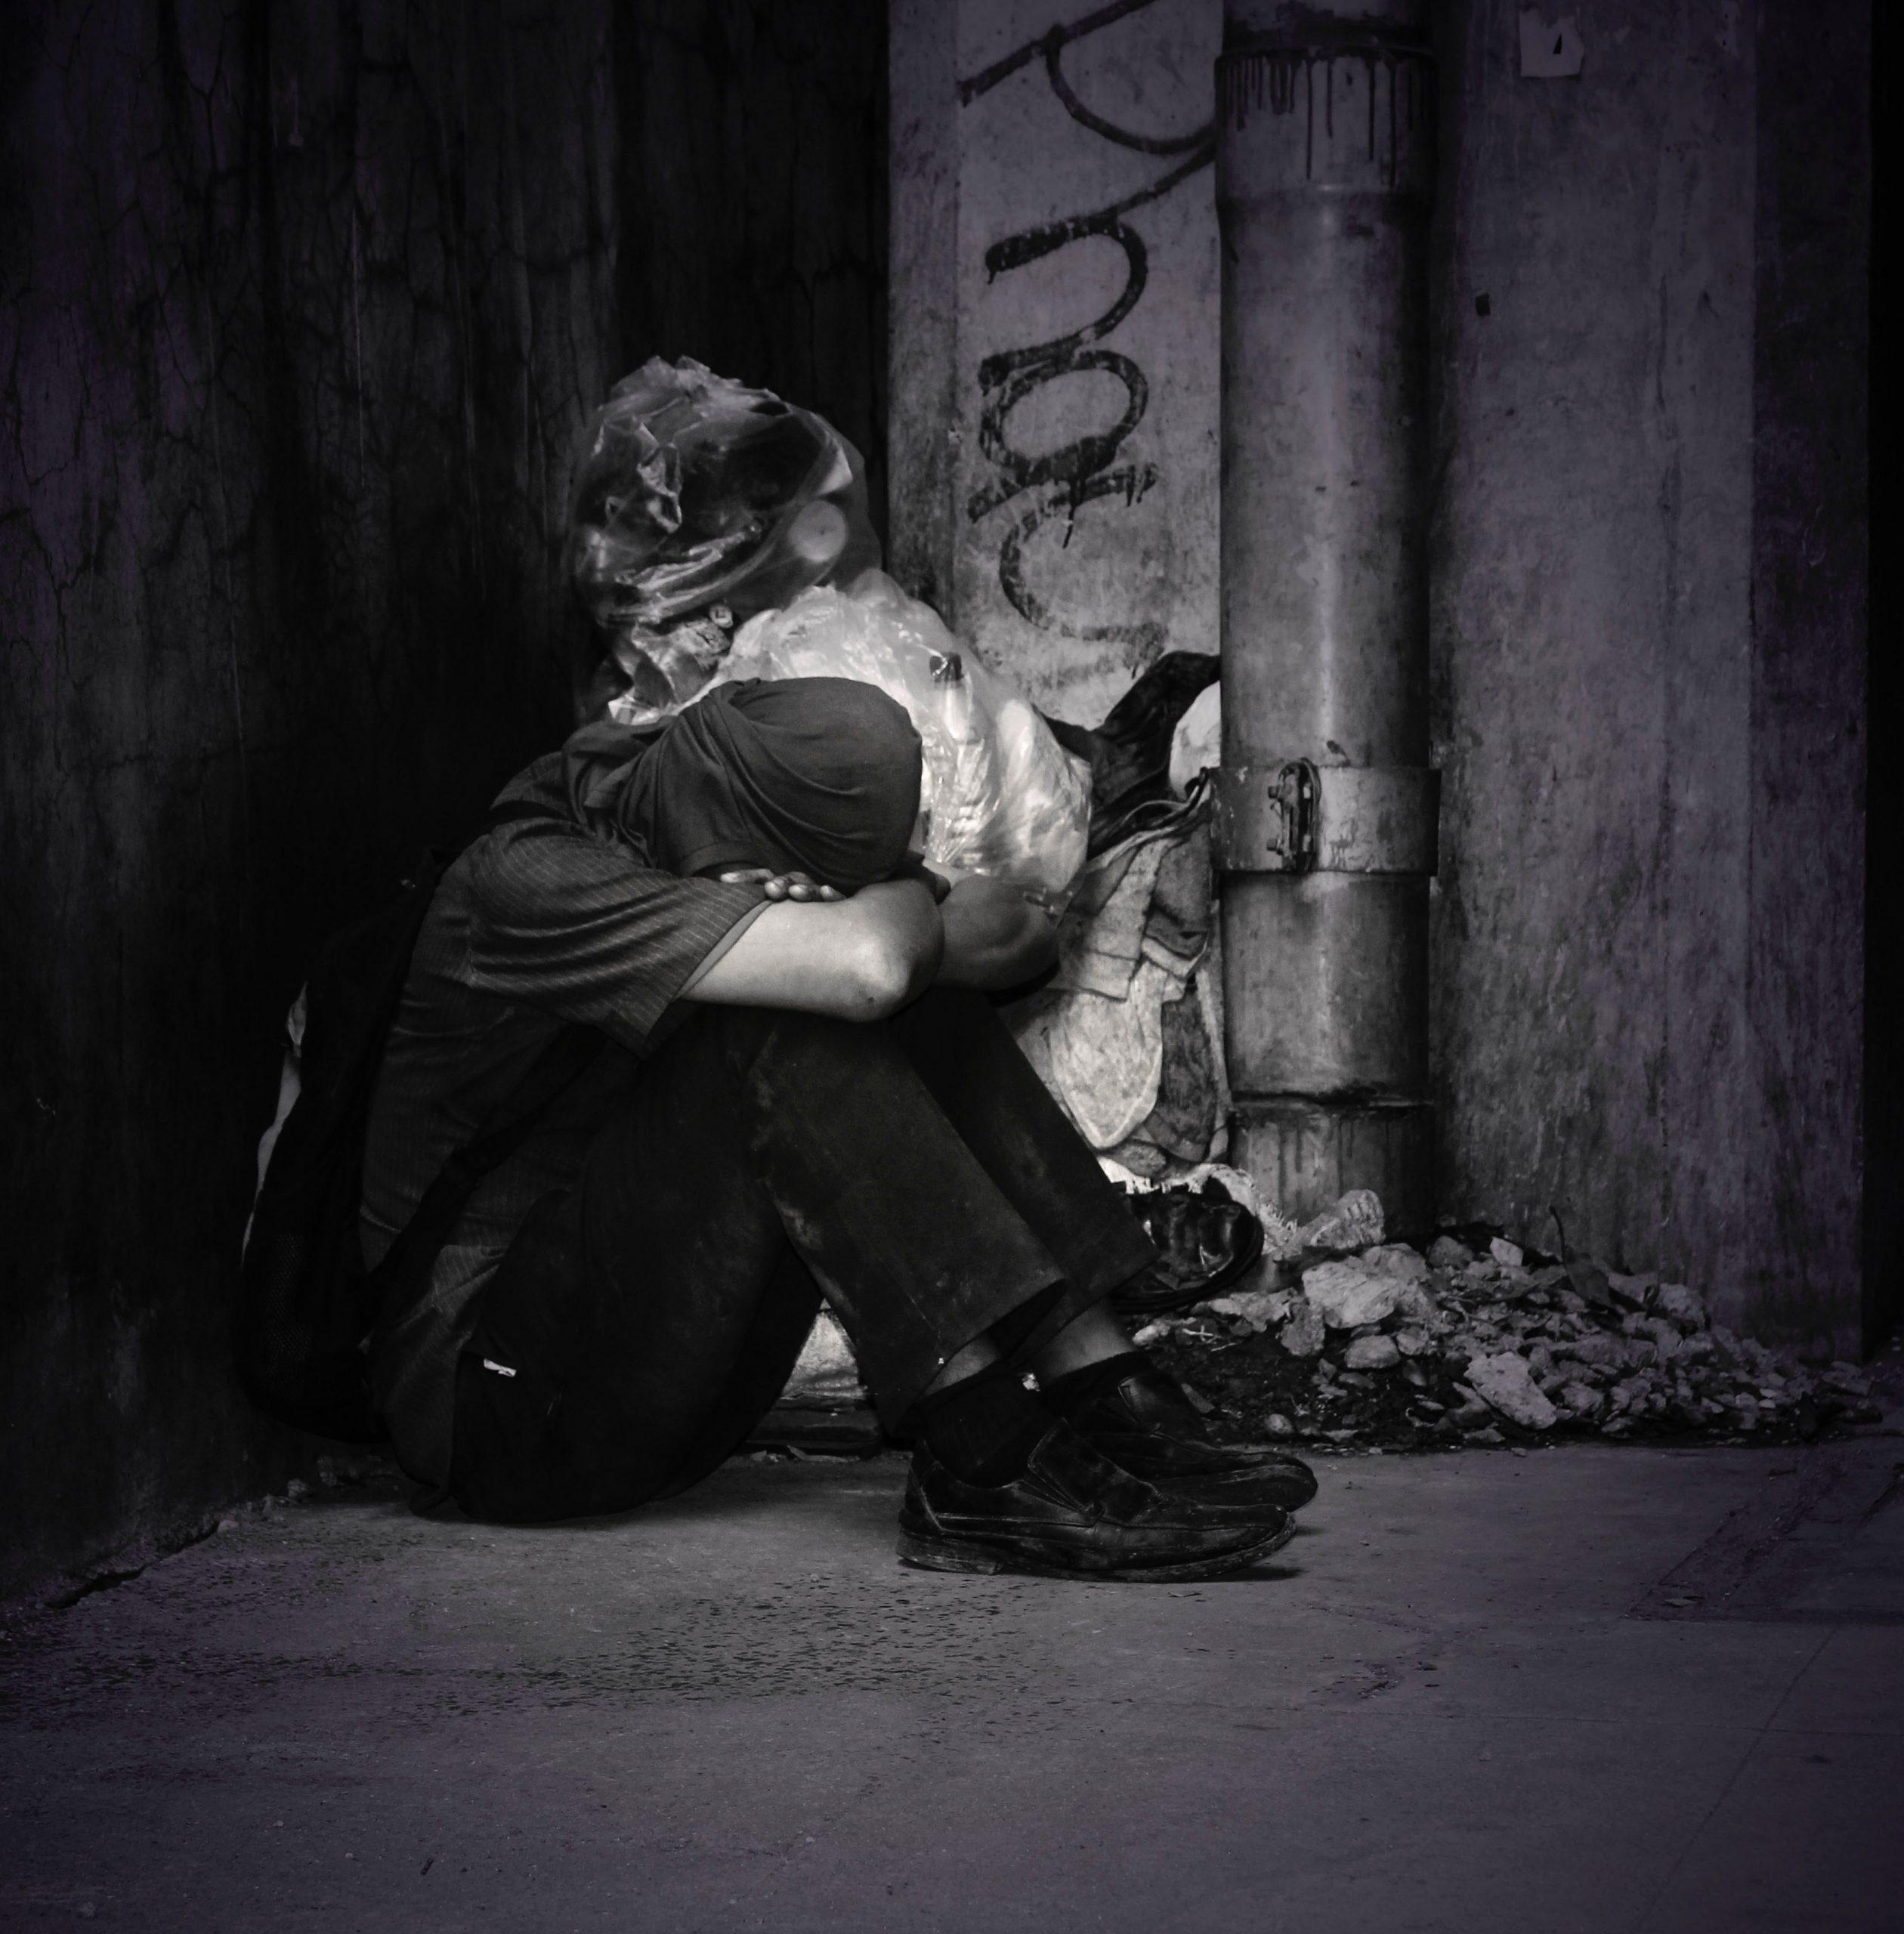 Sad Boy Dp Images pictures free downlaod